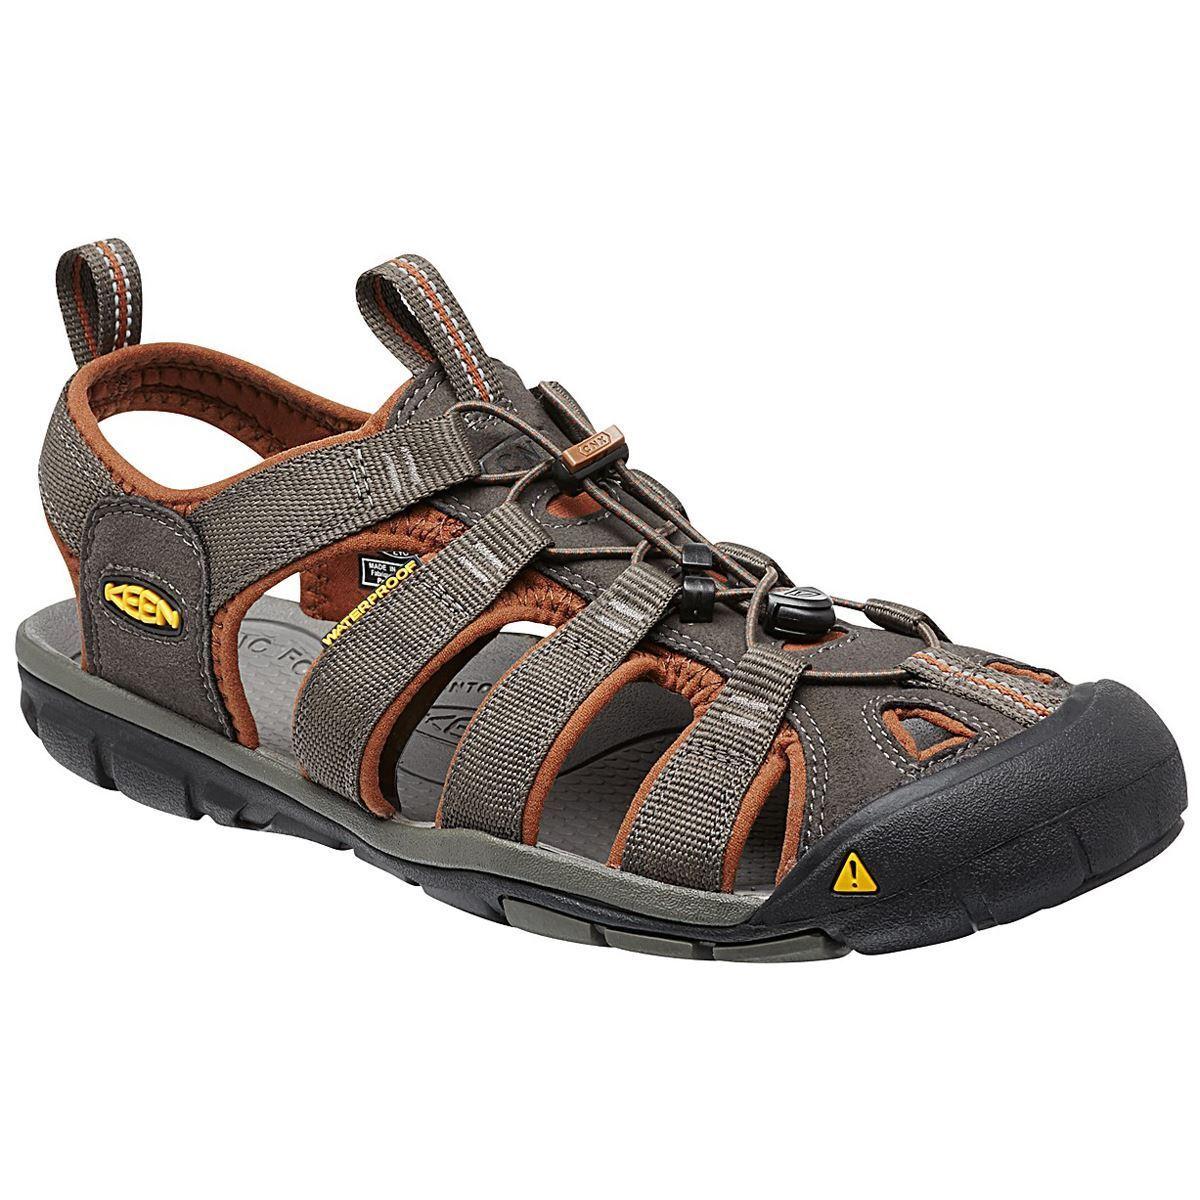 Keen Clearwater CNX marrón mens Comfort outdoor Sandals